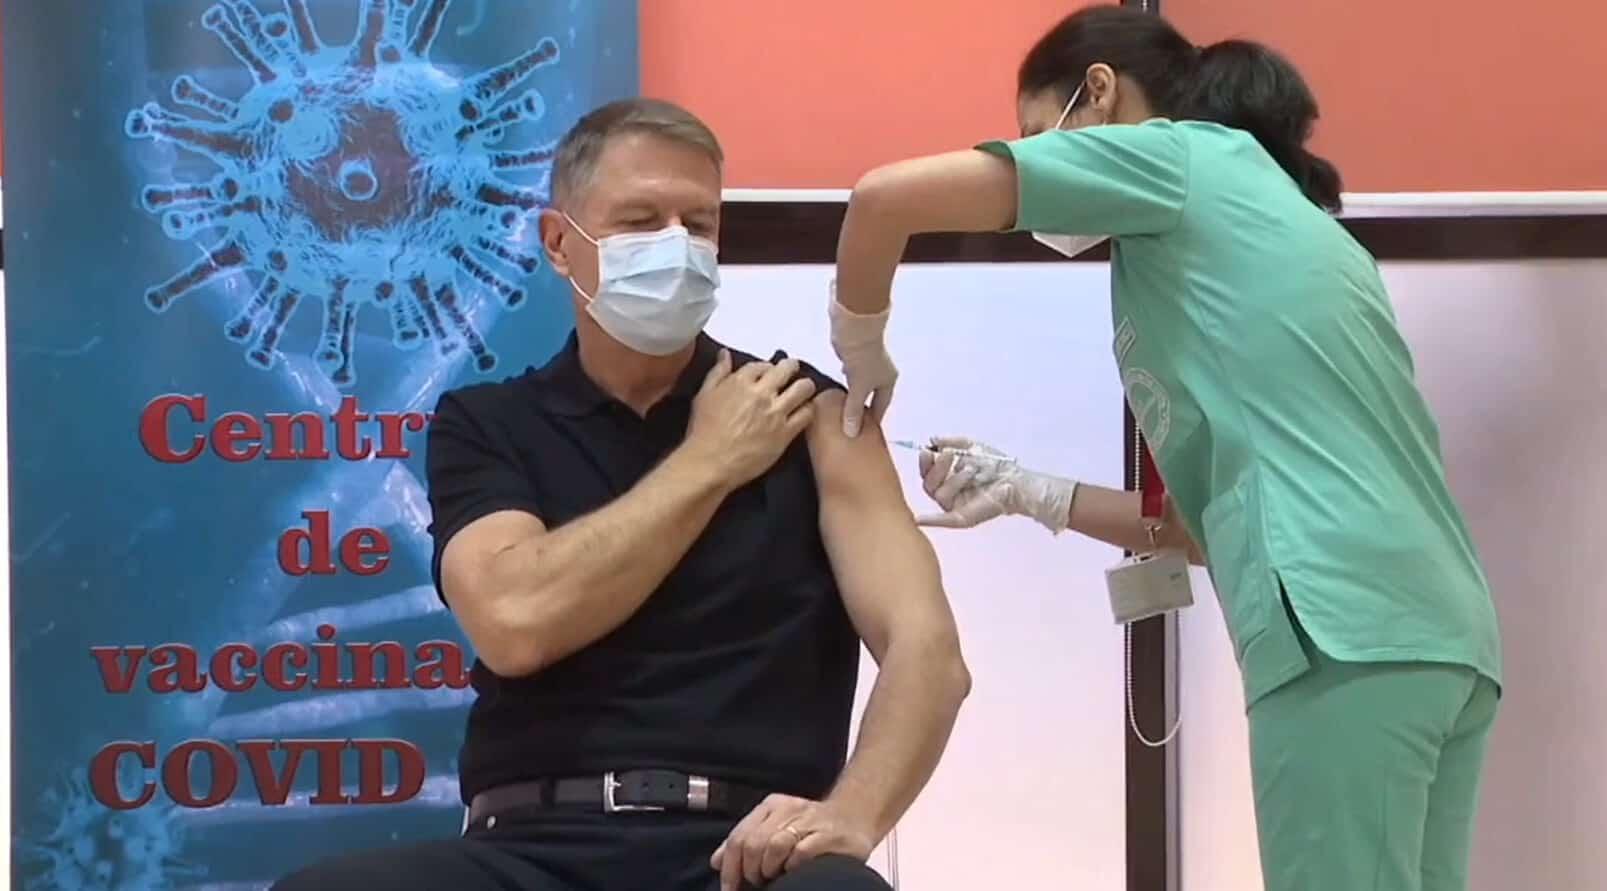 Președintele Klaus Iohannis a fost vaccinat cu vaccinul Pfizer/BioNTech la Spitalul Militar Central Dr. Carol Davila